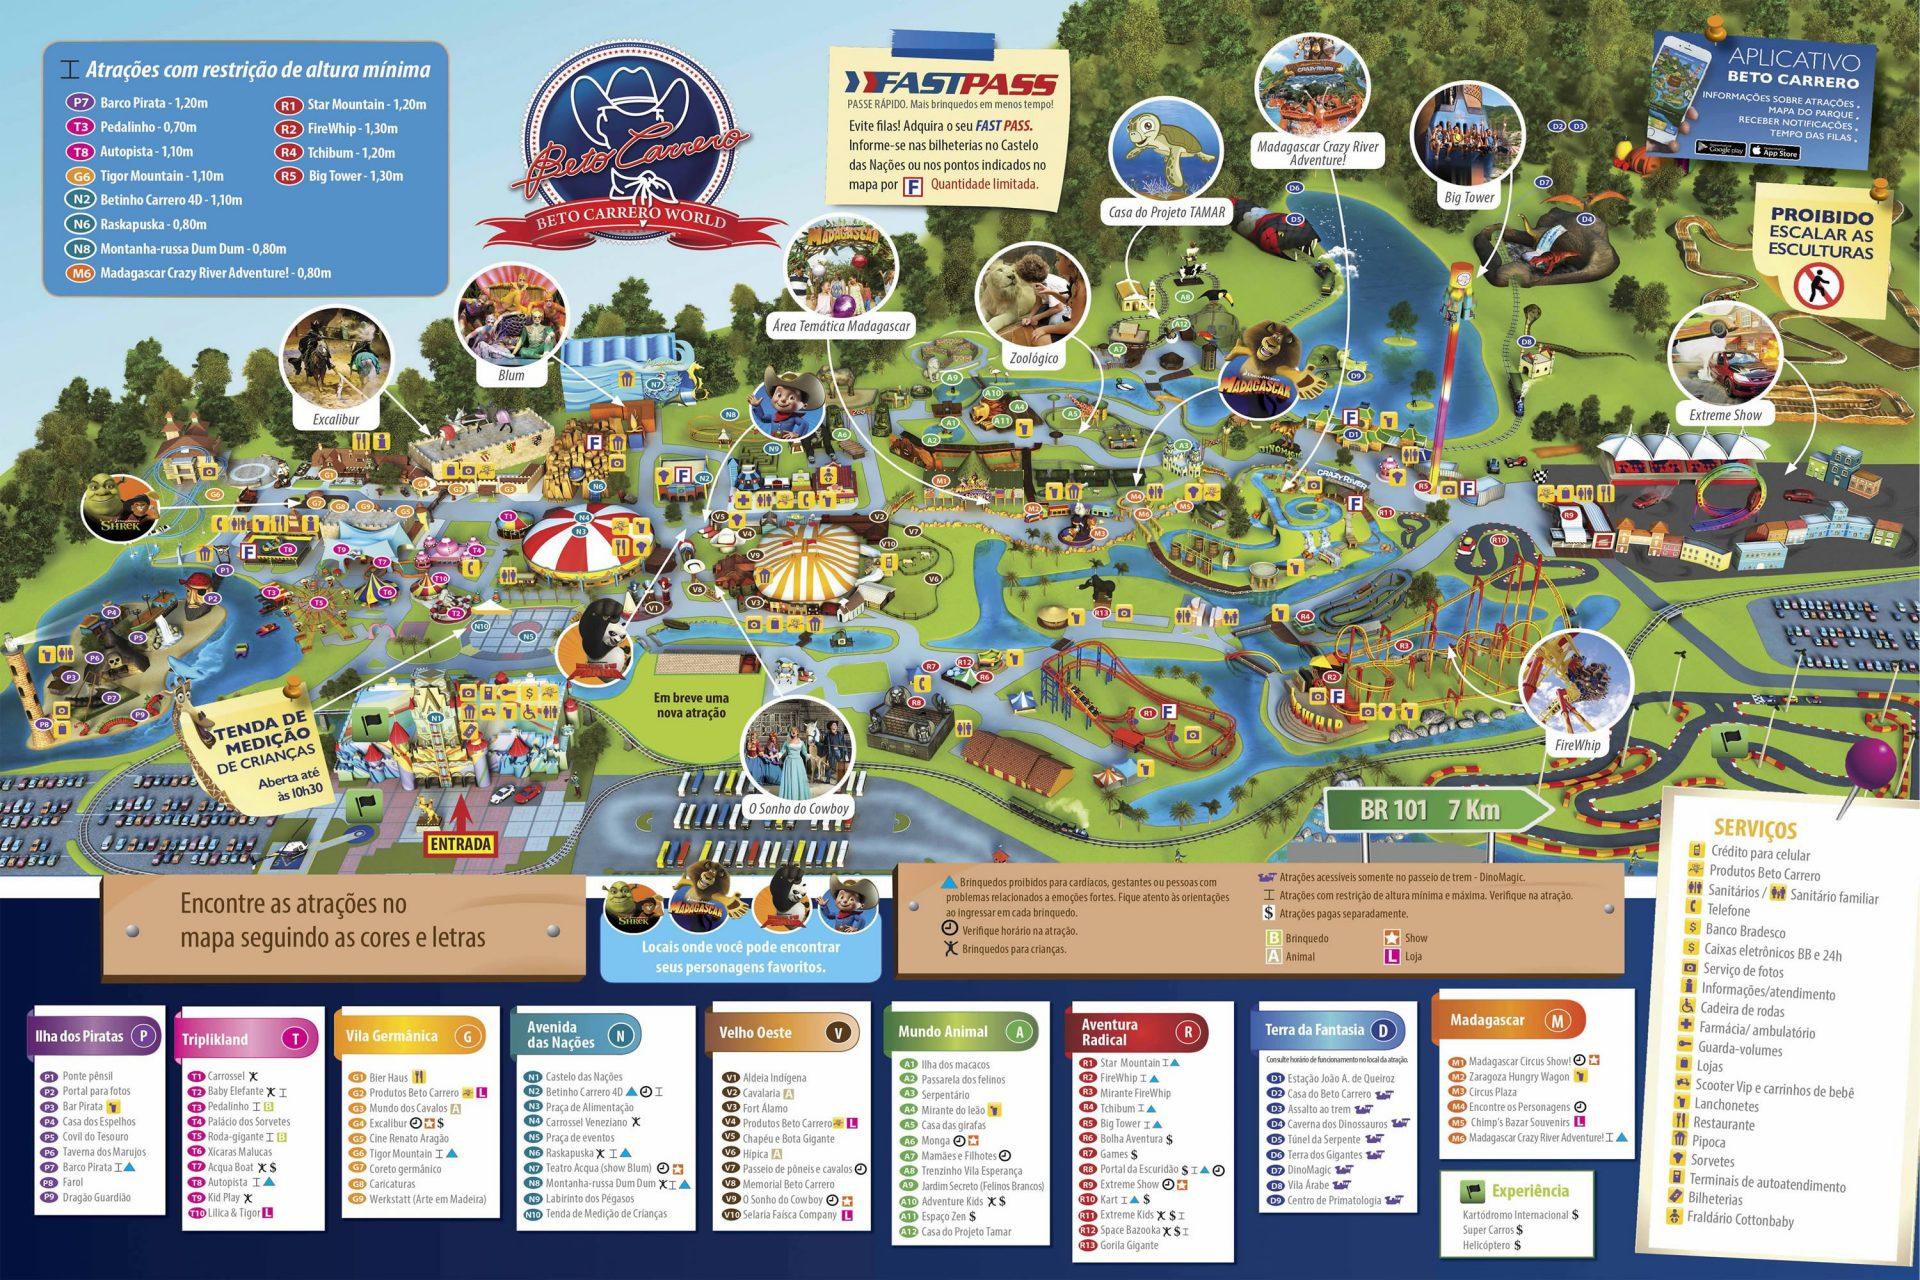 mapa completo brinquedos beto carrero world parque